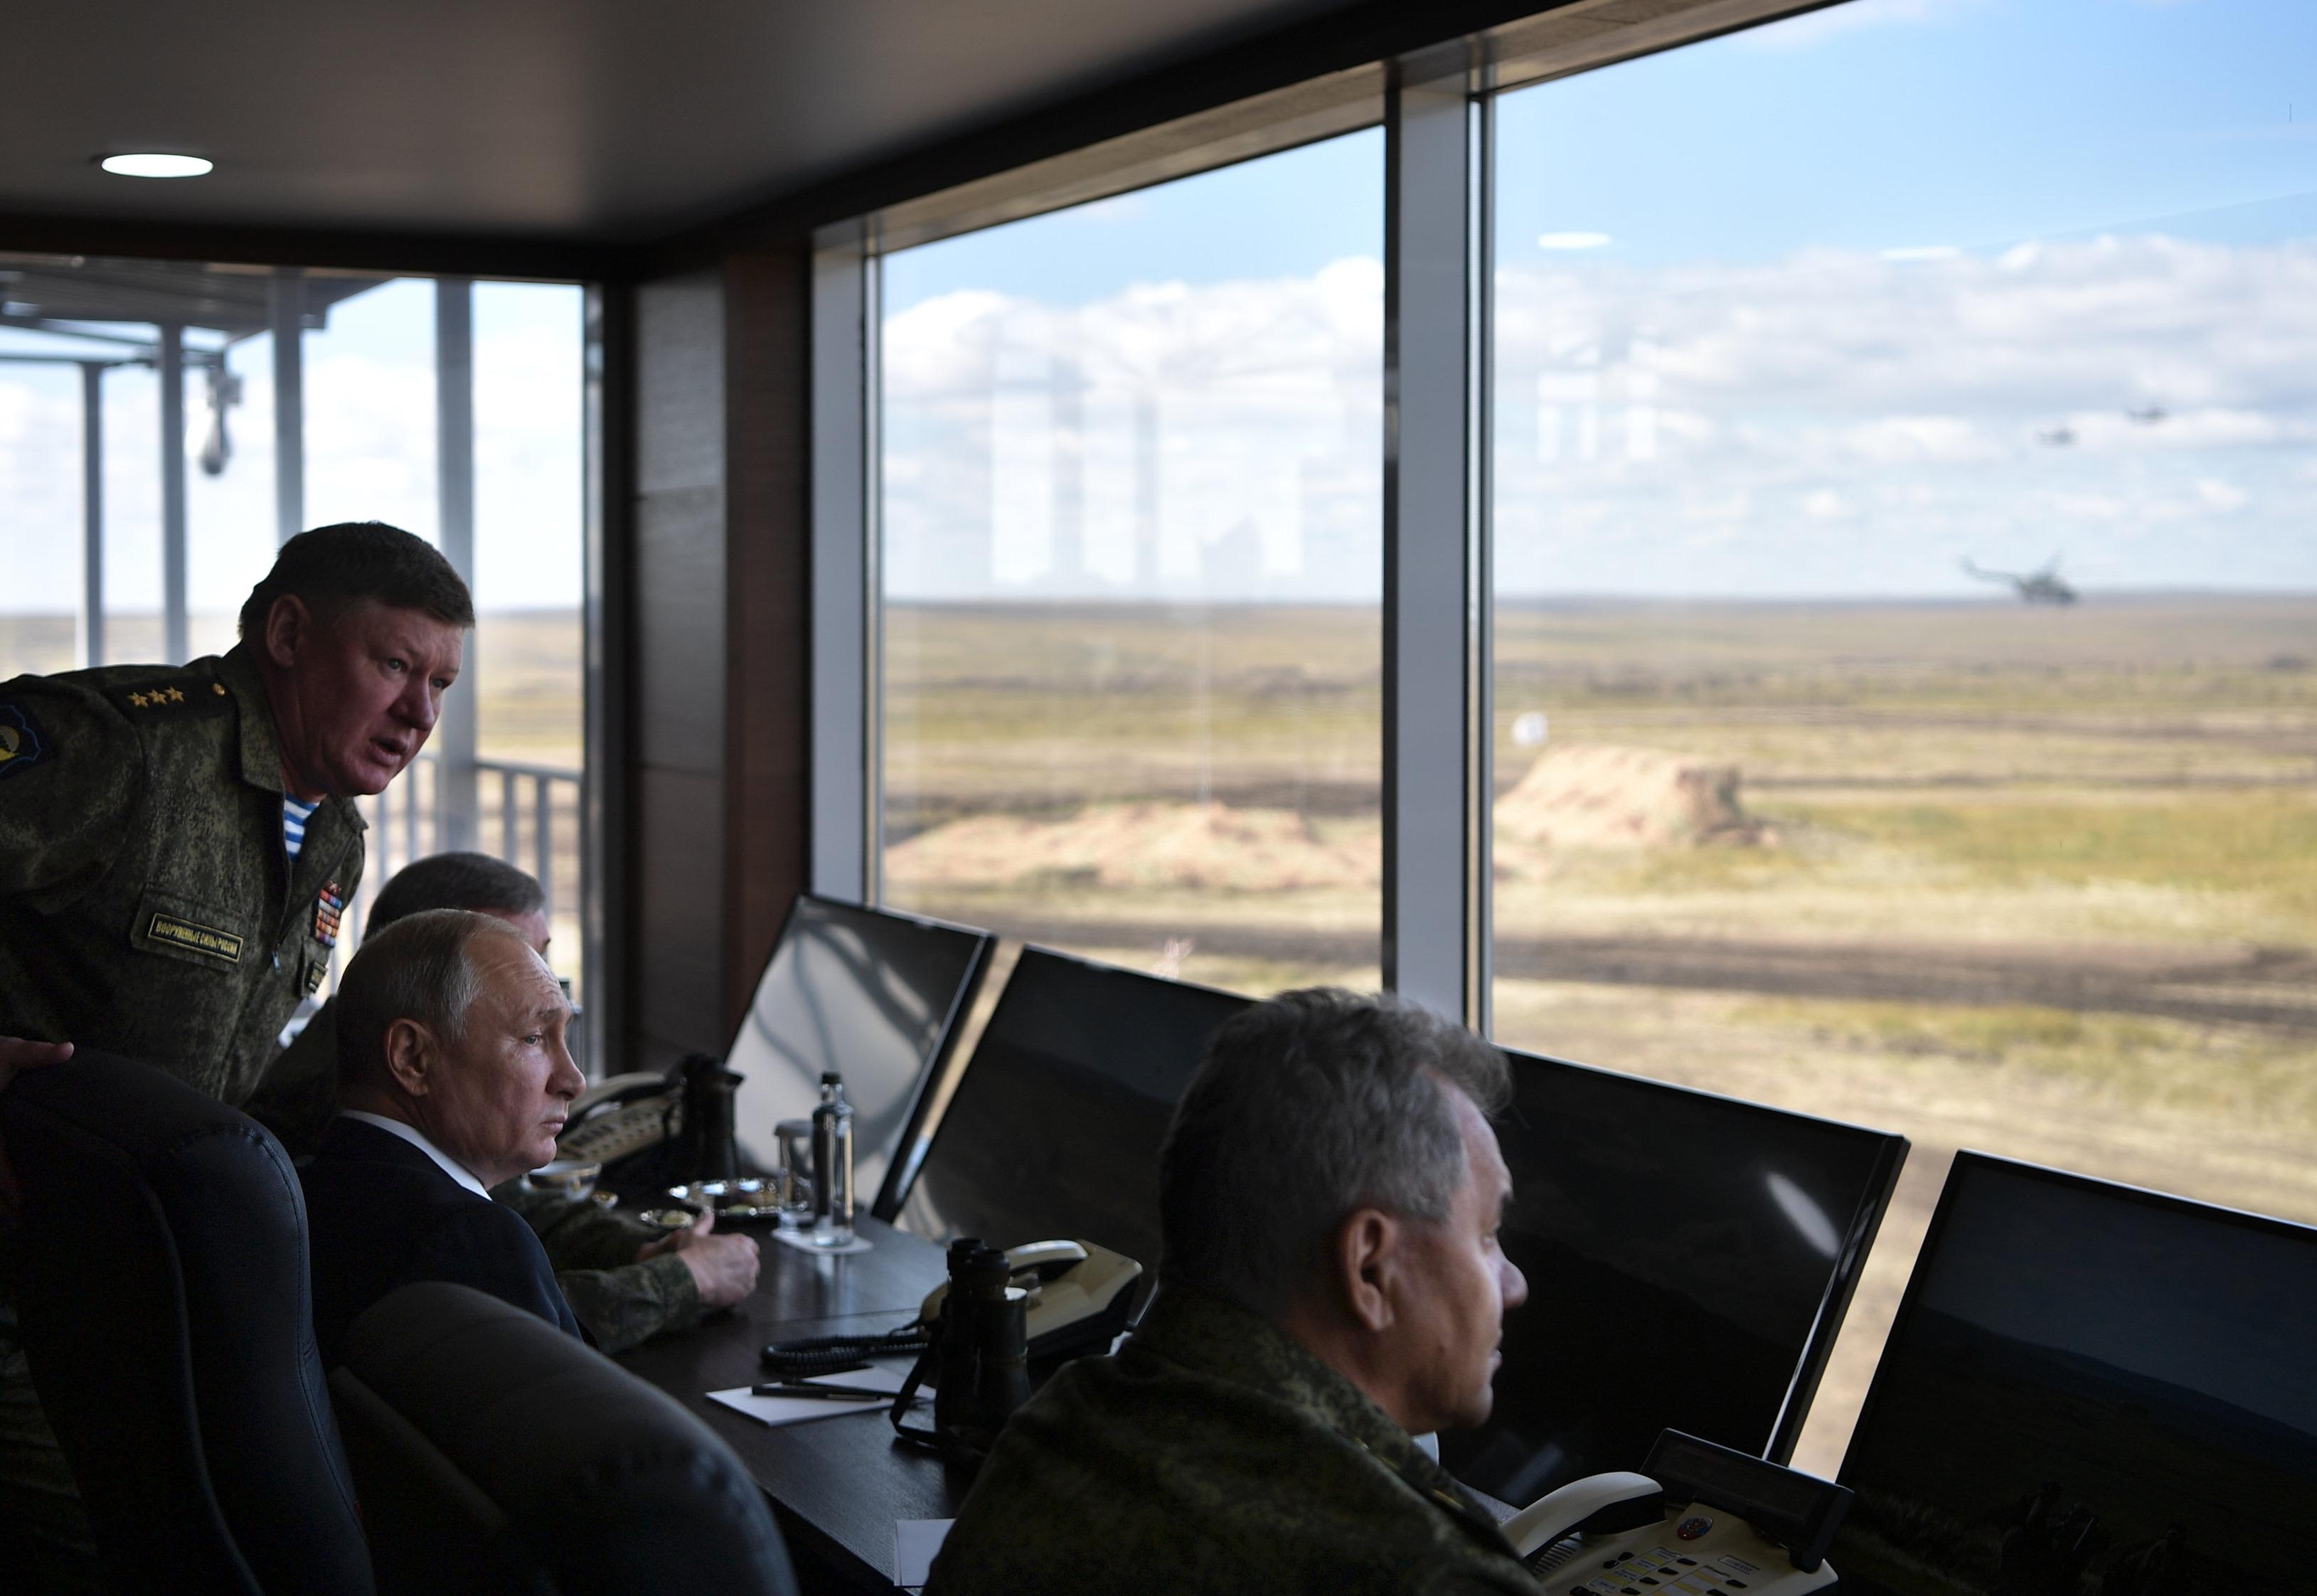 أحد القيادات العسكرية يوجه حديثه للرئيس الروسى